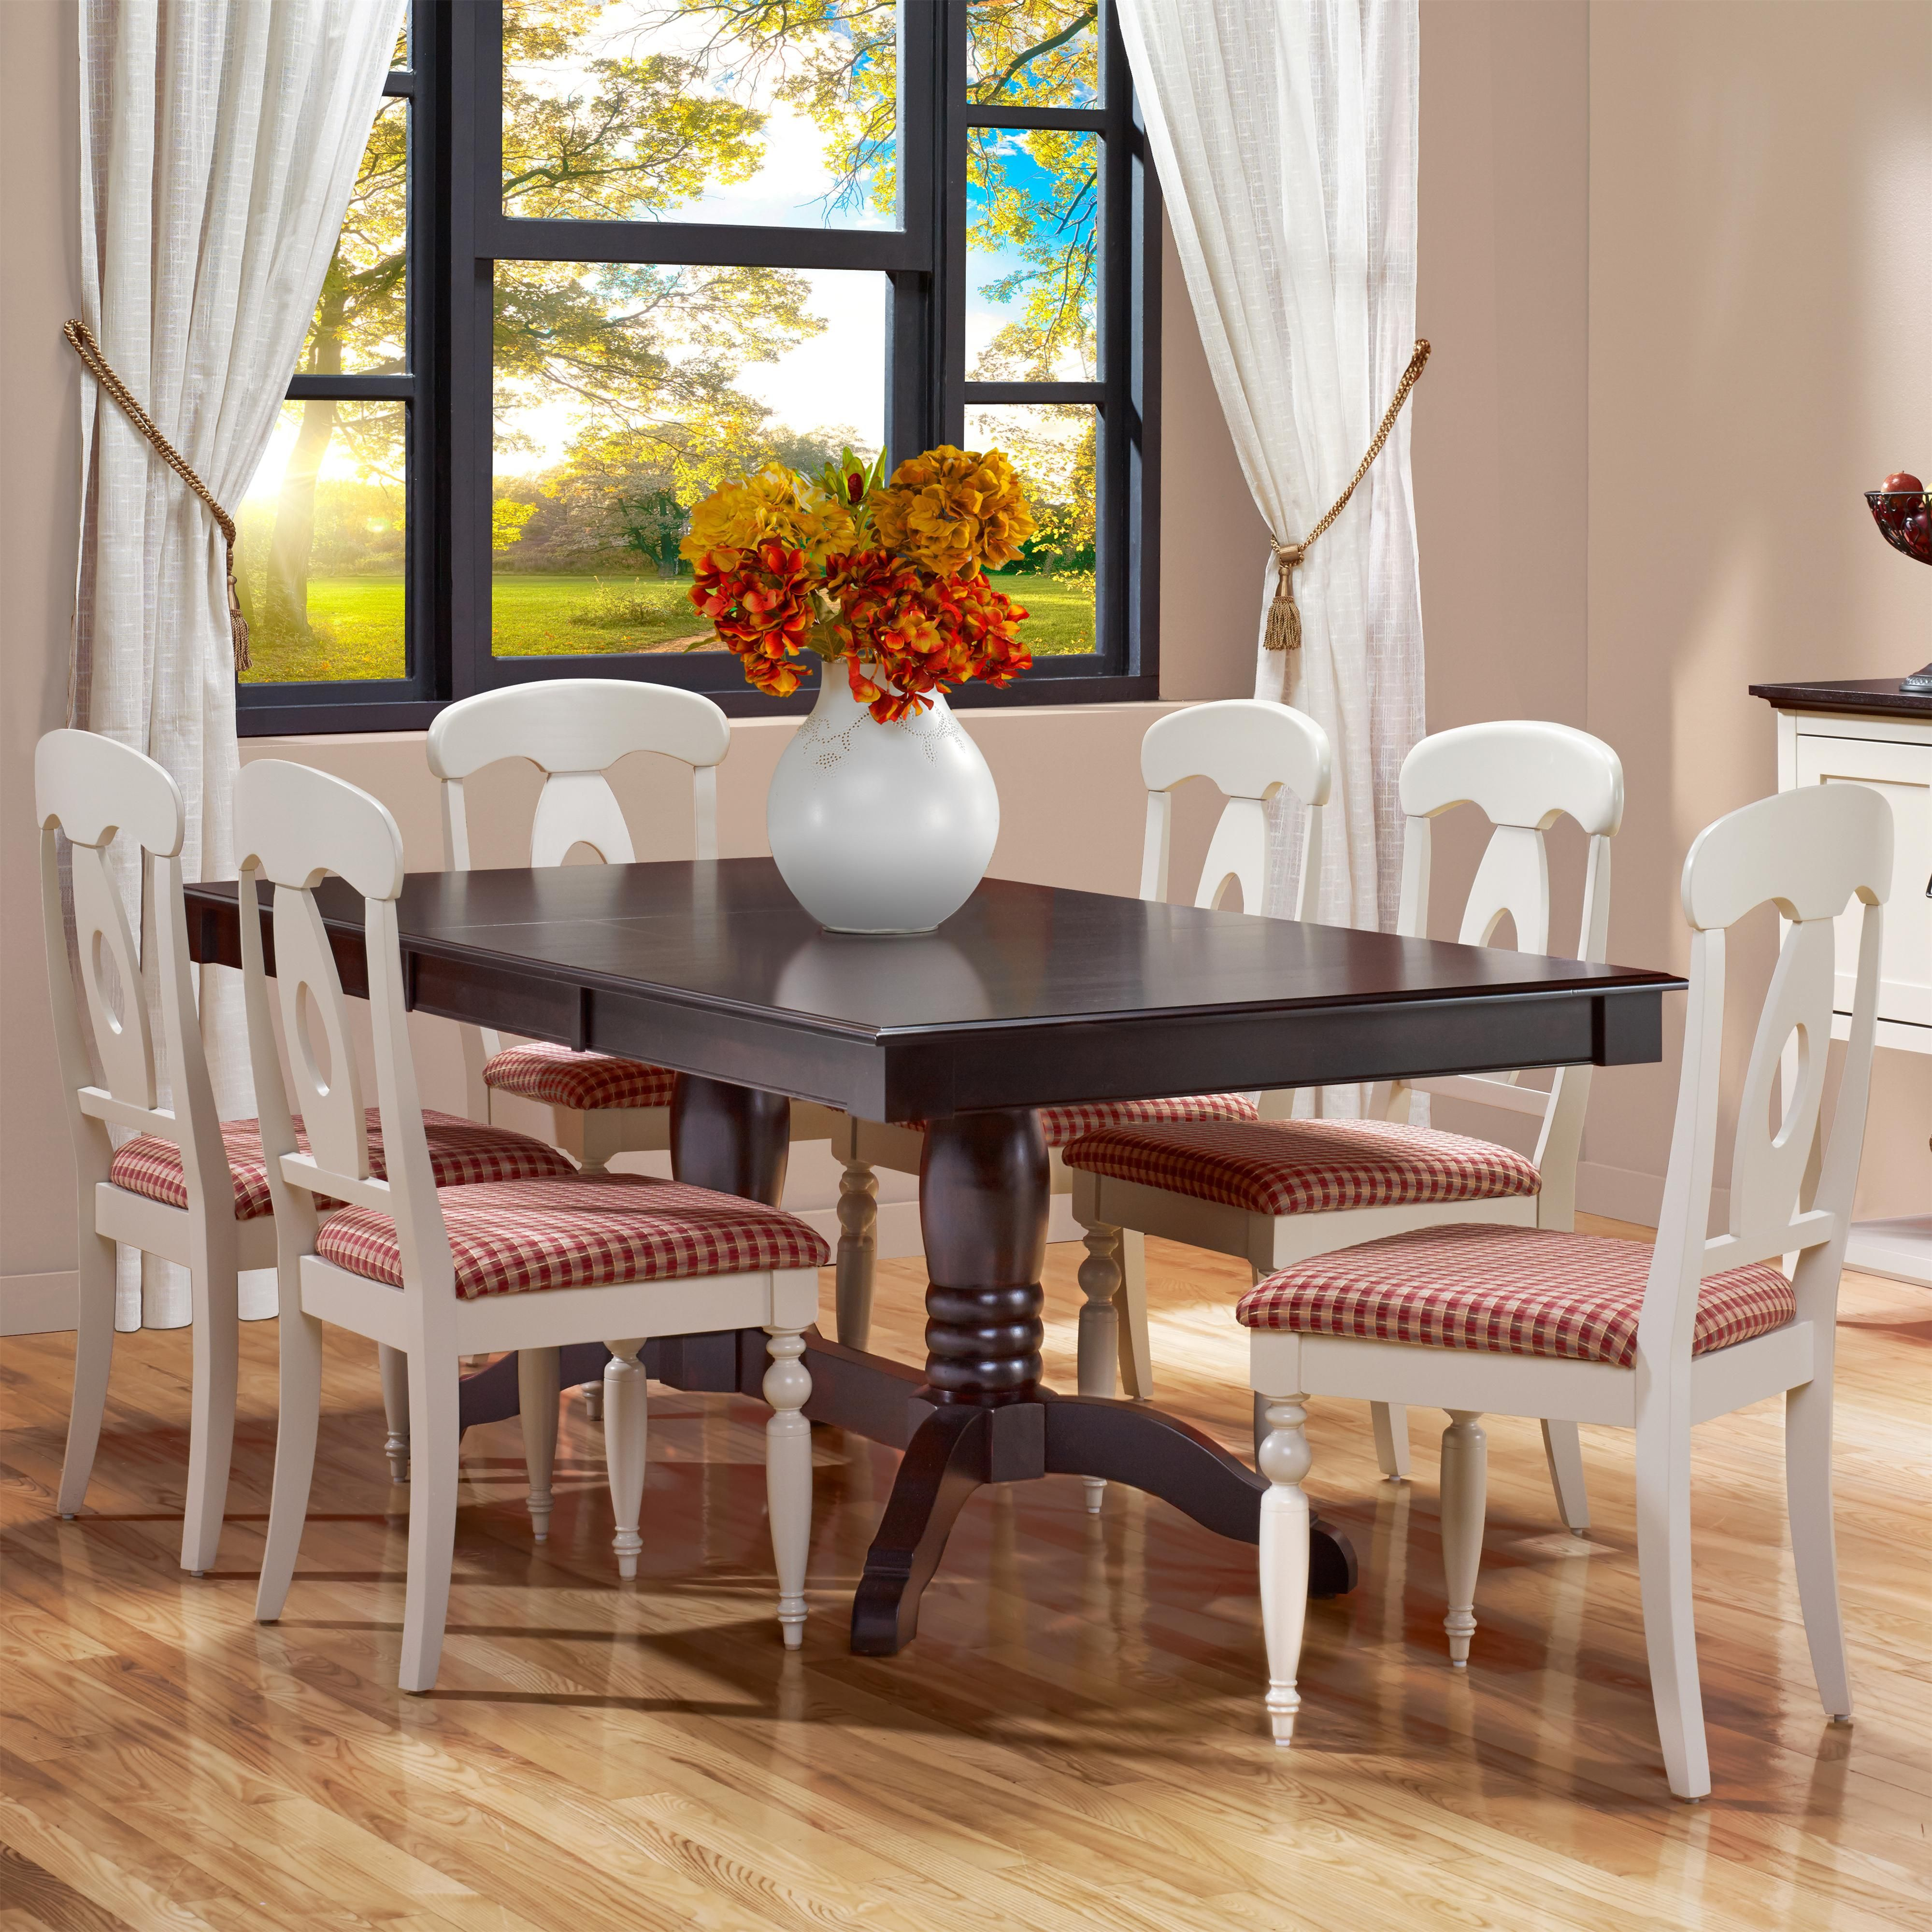 gourmet  custom dining customizable rectangular table set